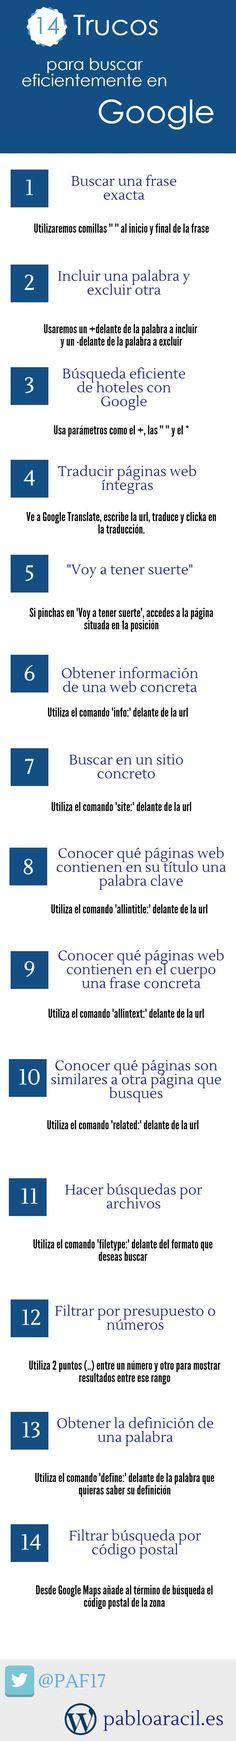 #Infografía: 14 trucos para buscar eficientemente en Google.  ¡Muy práctico y útil! :D